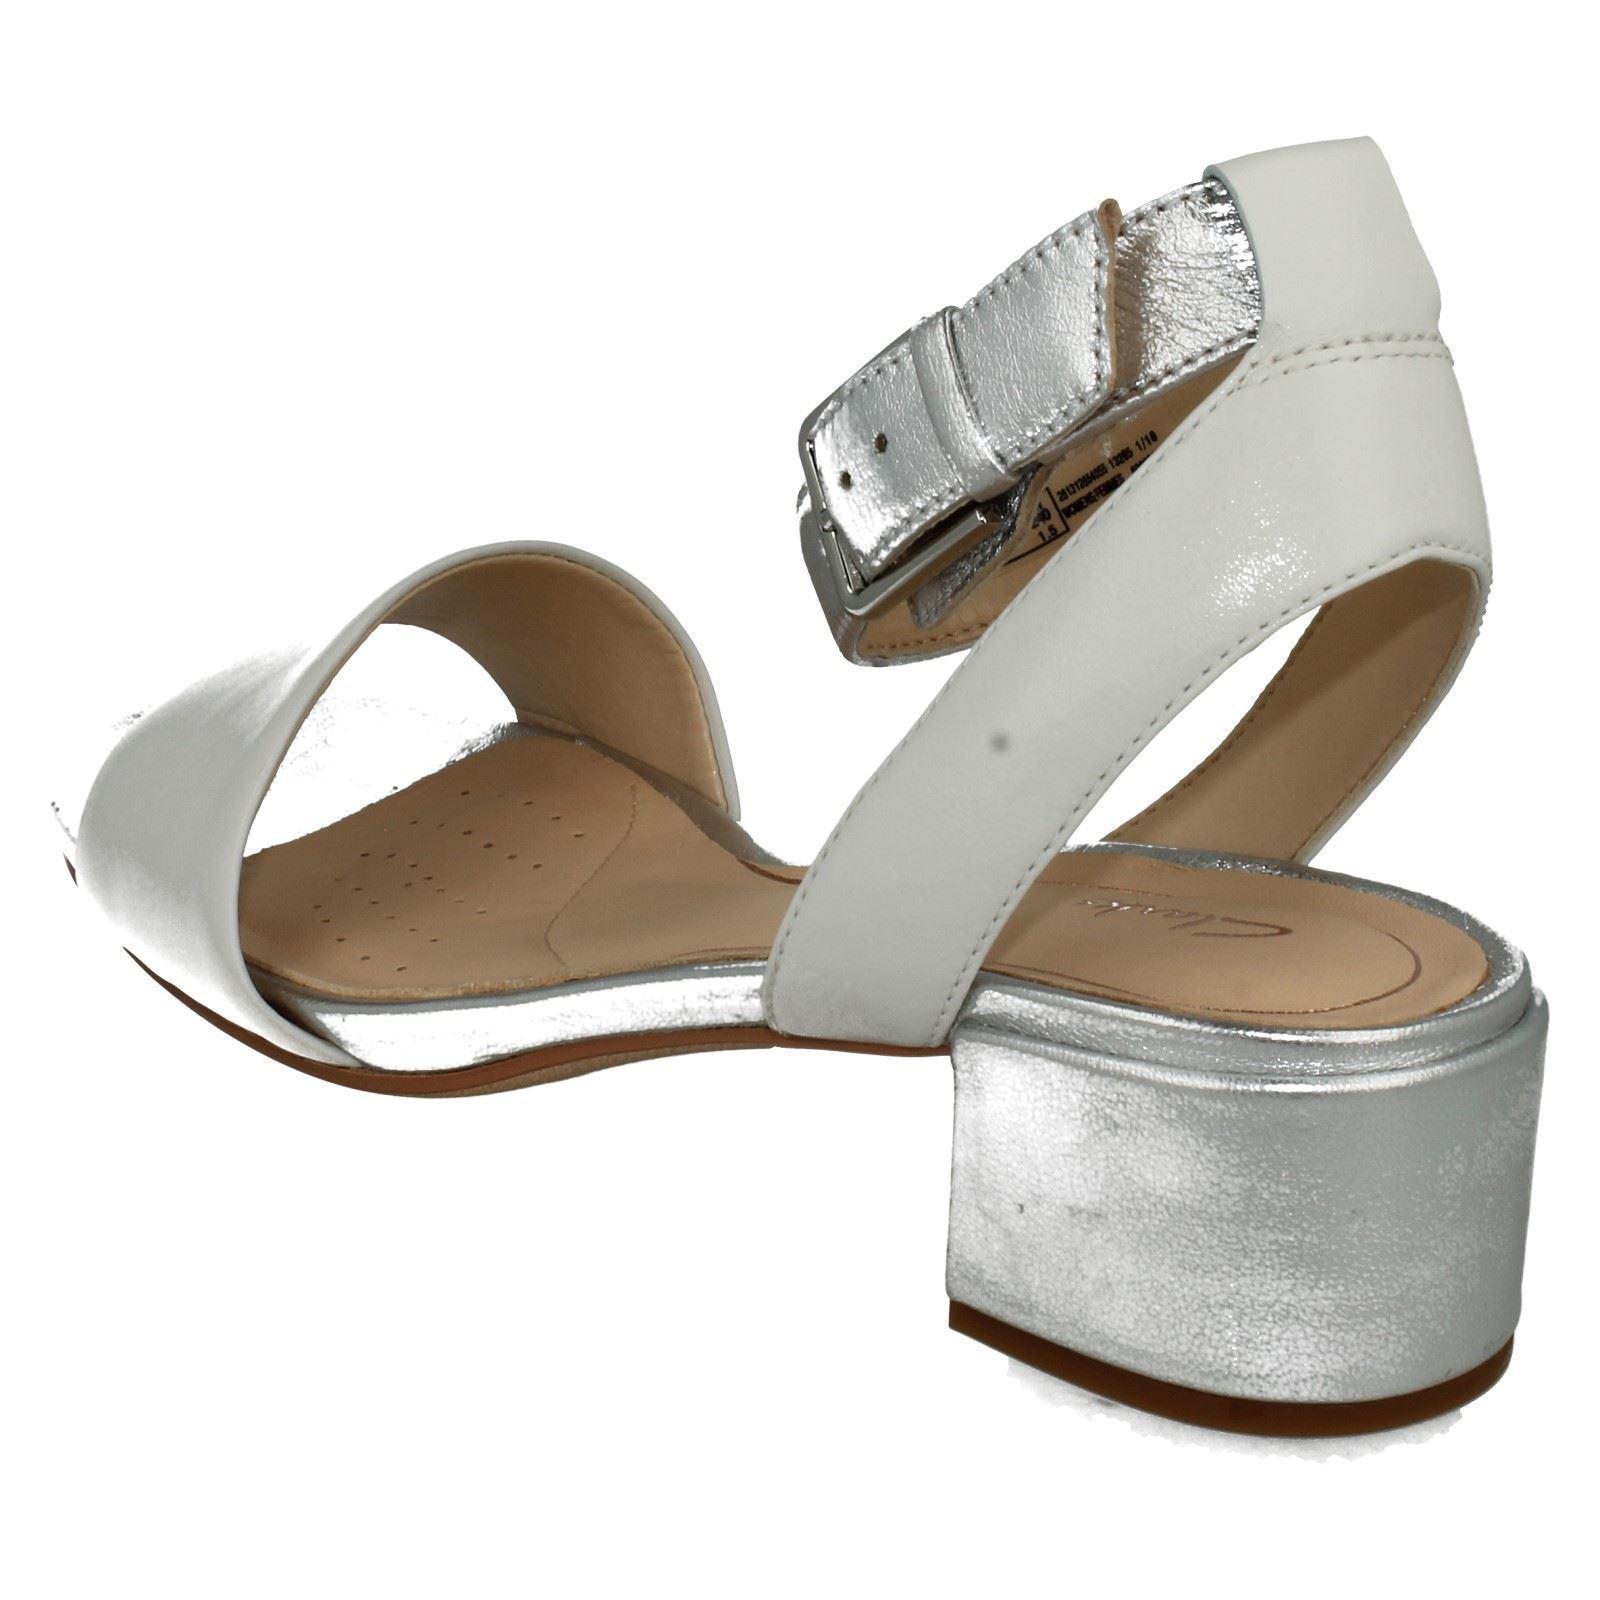 Donna Clarks Alto Cinturino Alla Caviglia Caviglia Alla Clarks Sandali Orabella Rosa 94ba13